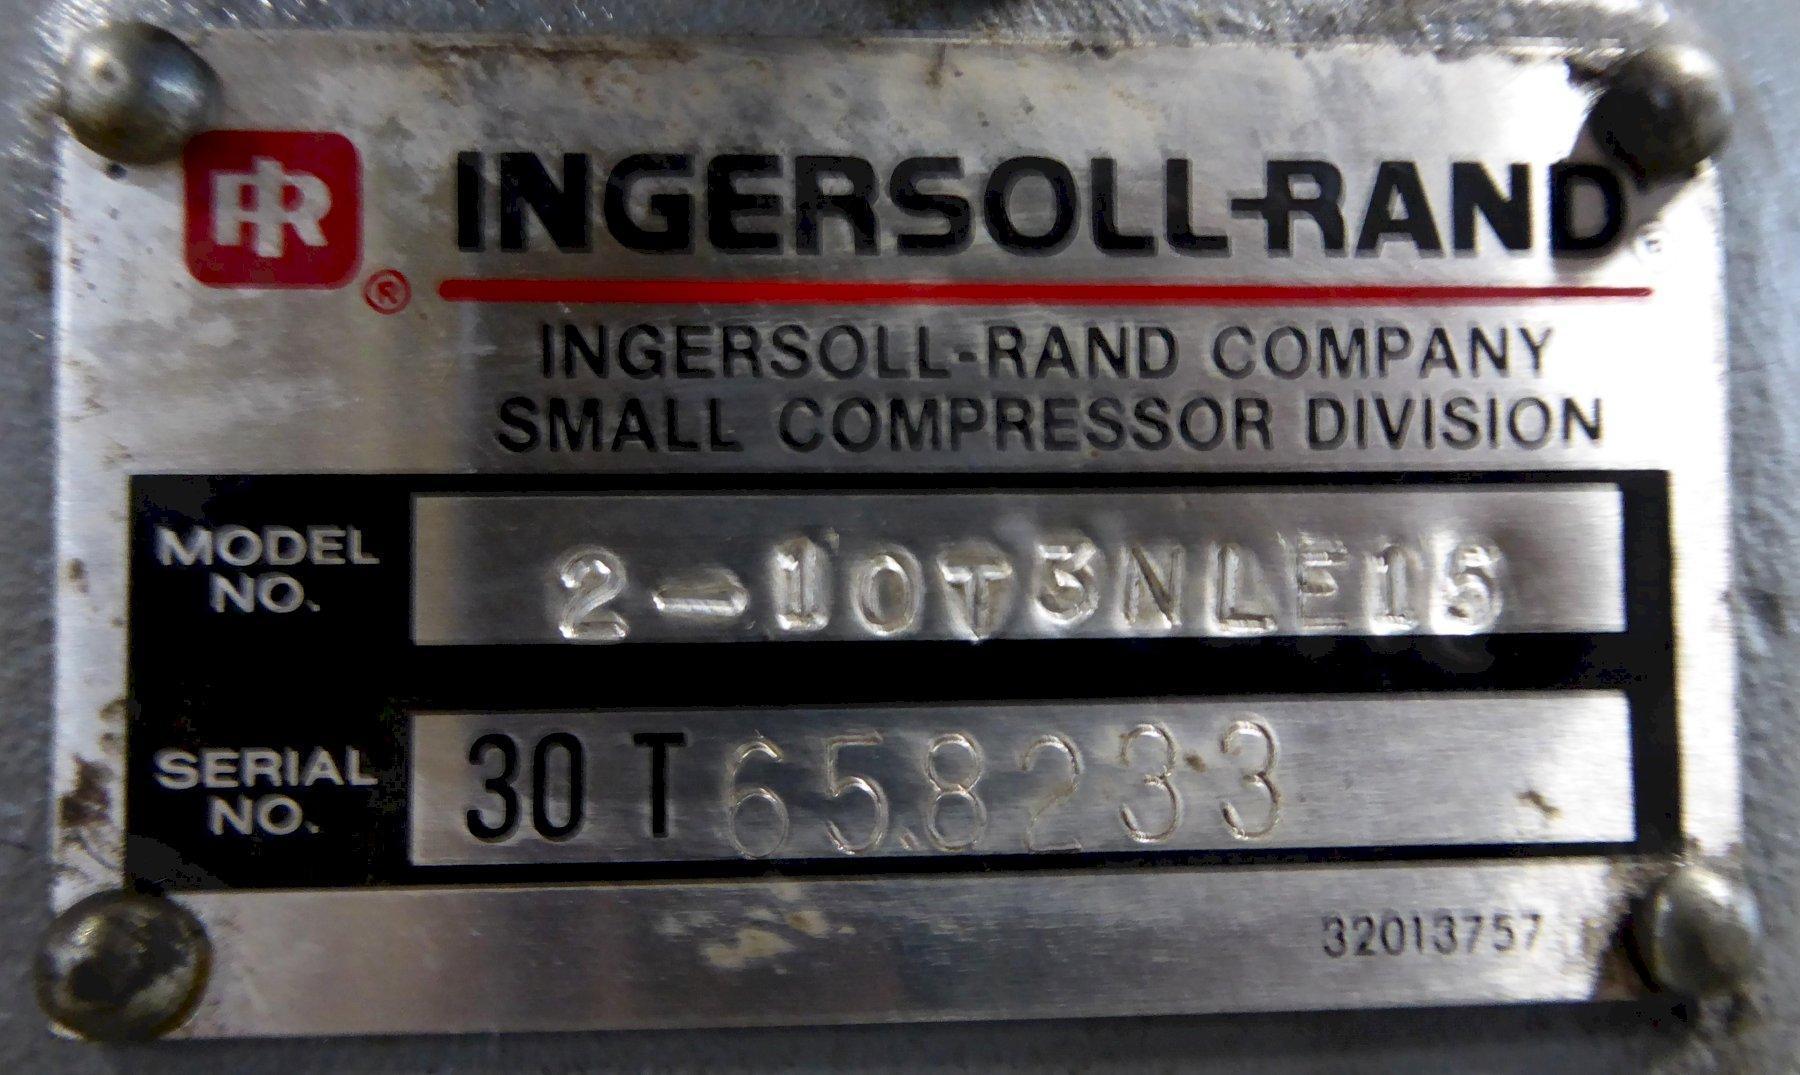 15 HP Ingersoll-Rand Air Compressor, T30 Duplex, 175 PSI, 100 PSI, 120 Gallon Tank